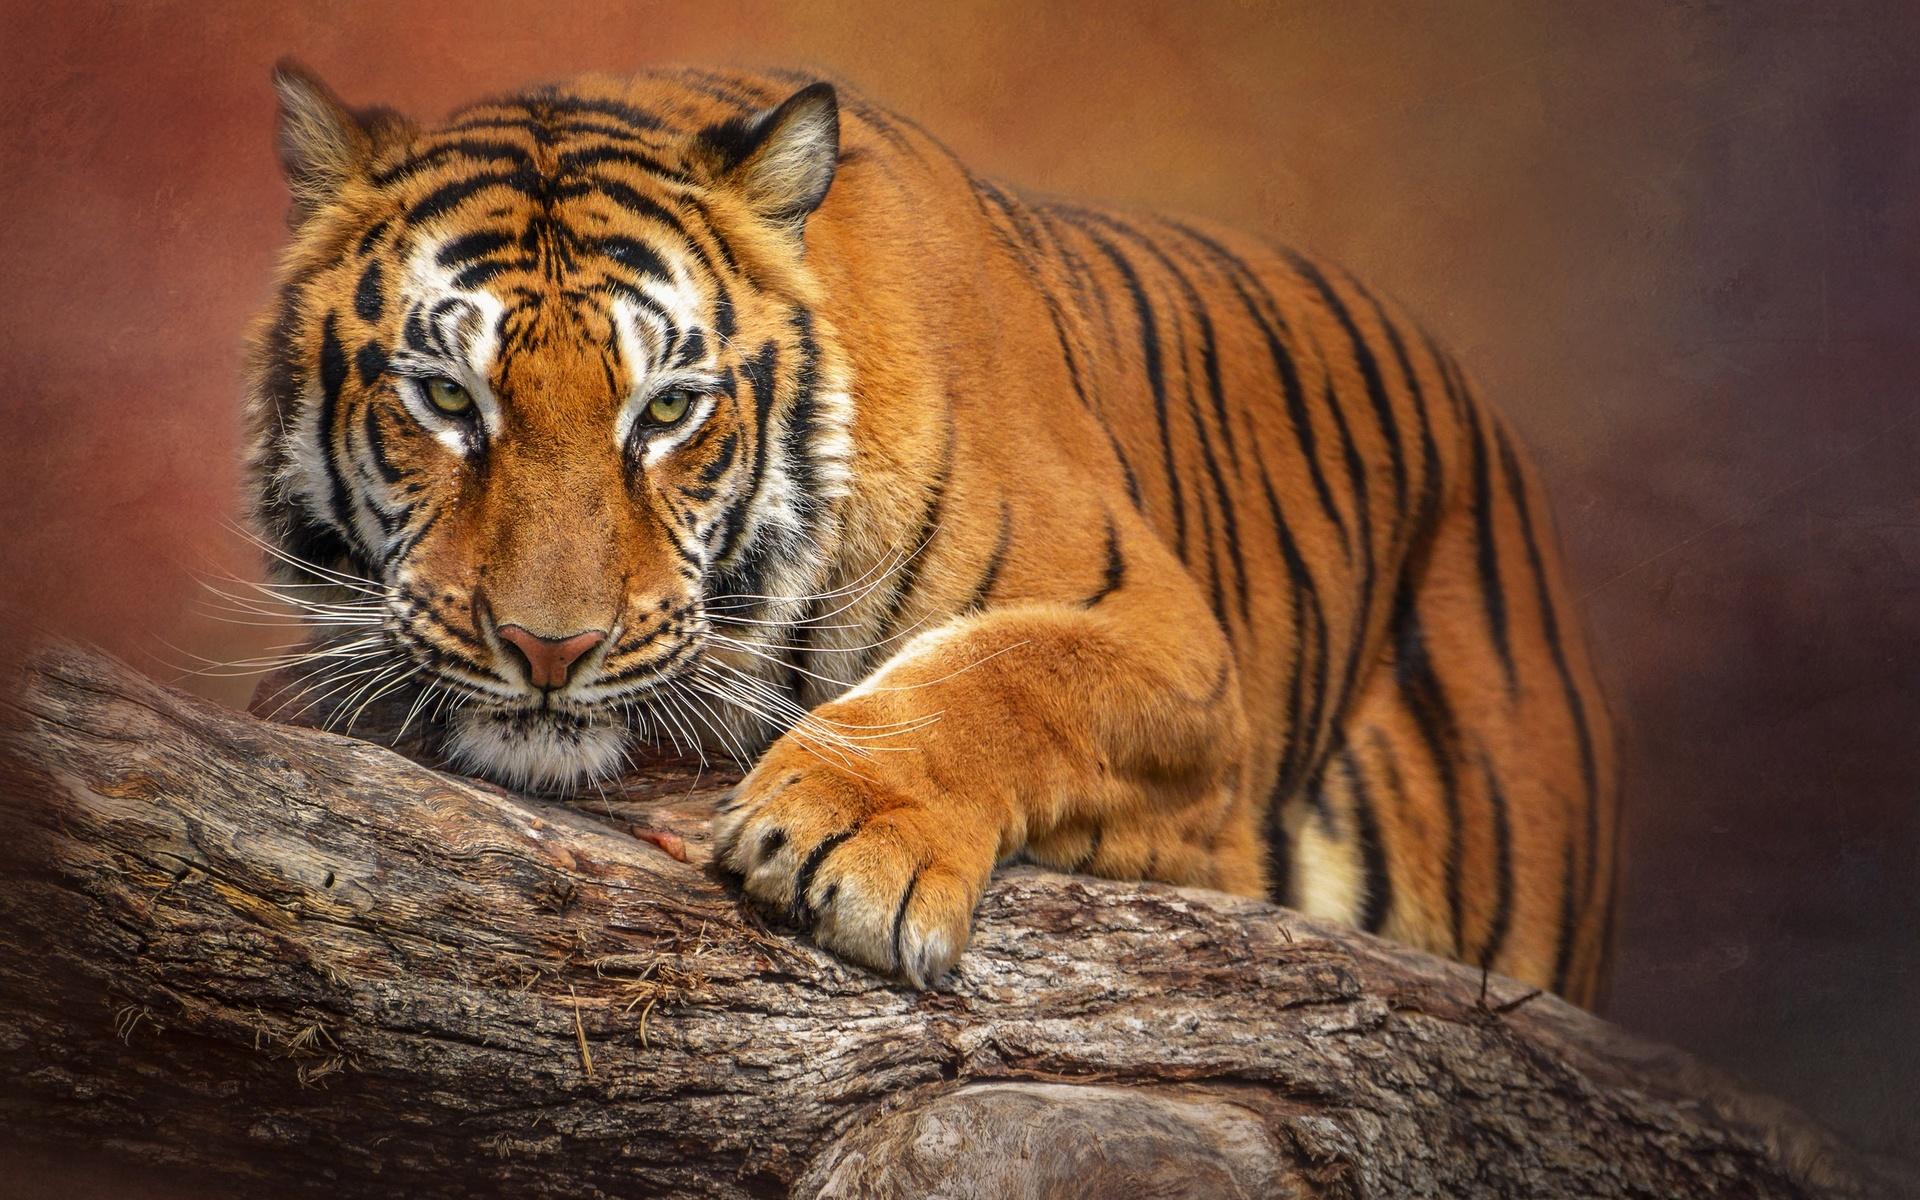 тигр, лапы, усы, вибриссы, взгляд, размытый фон, животные